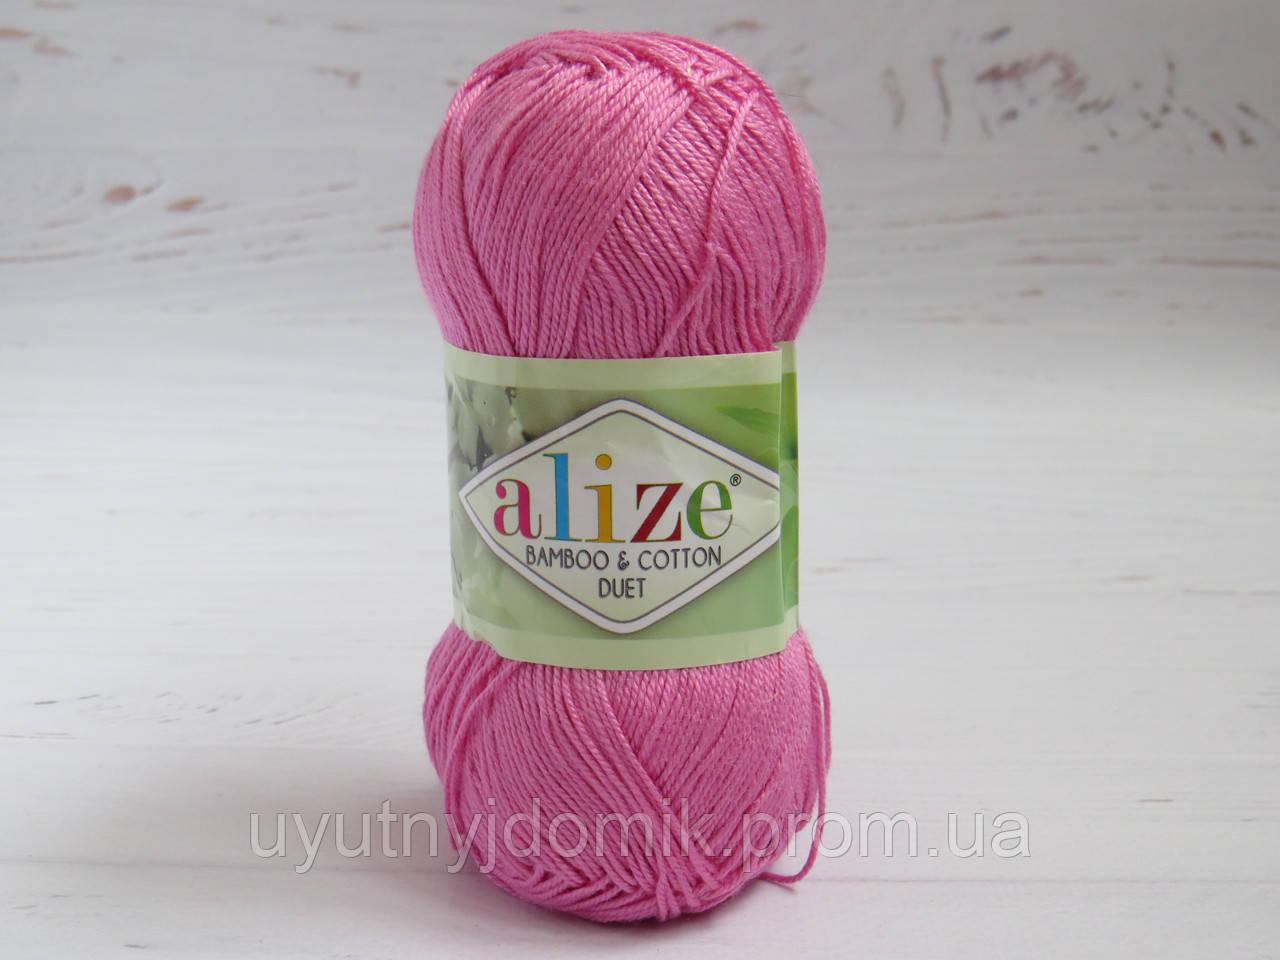 пряжа для вязания Alize Bamboocotton цвет 178 розовый бамбуковая